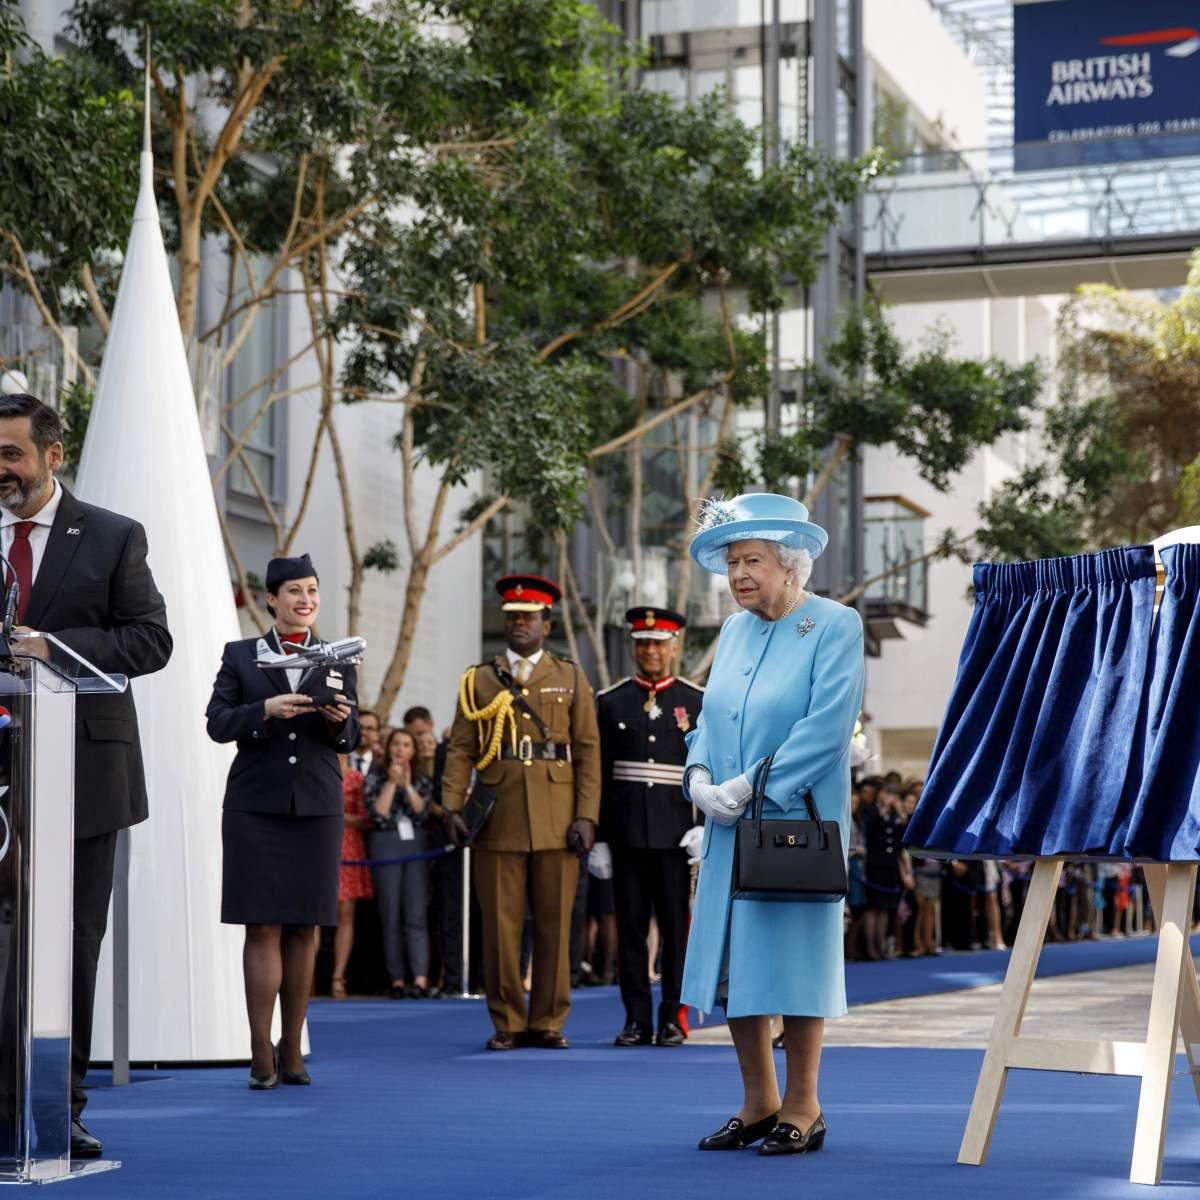 Queen Elizabeth Wears Baby Blue to British Airways Event: Photos